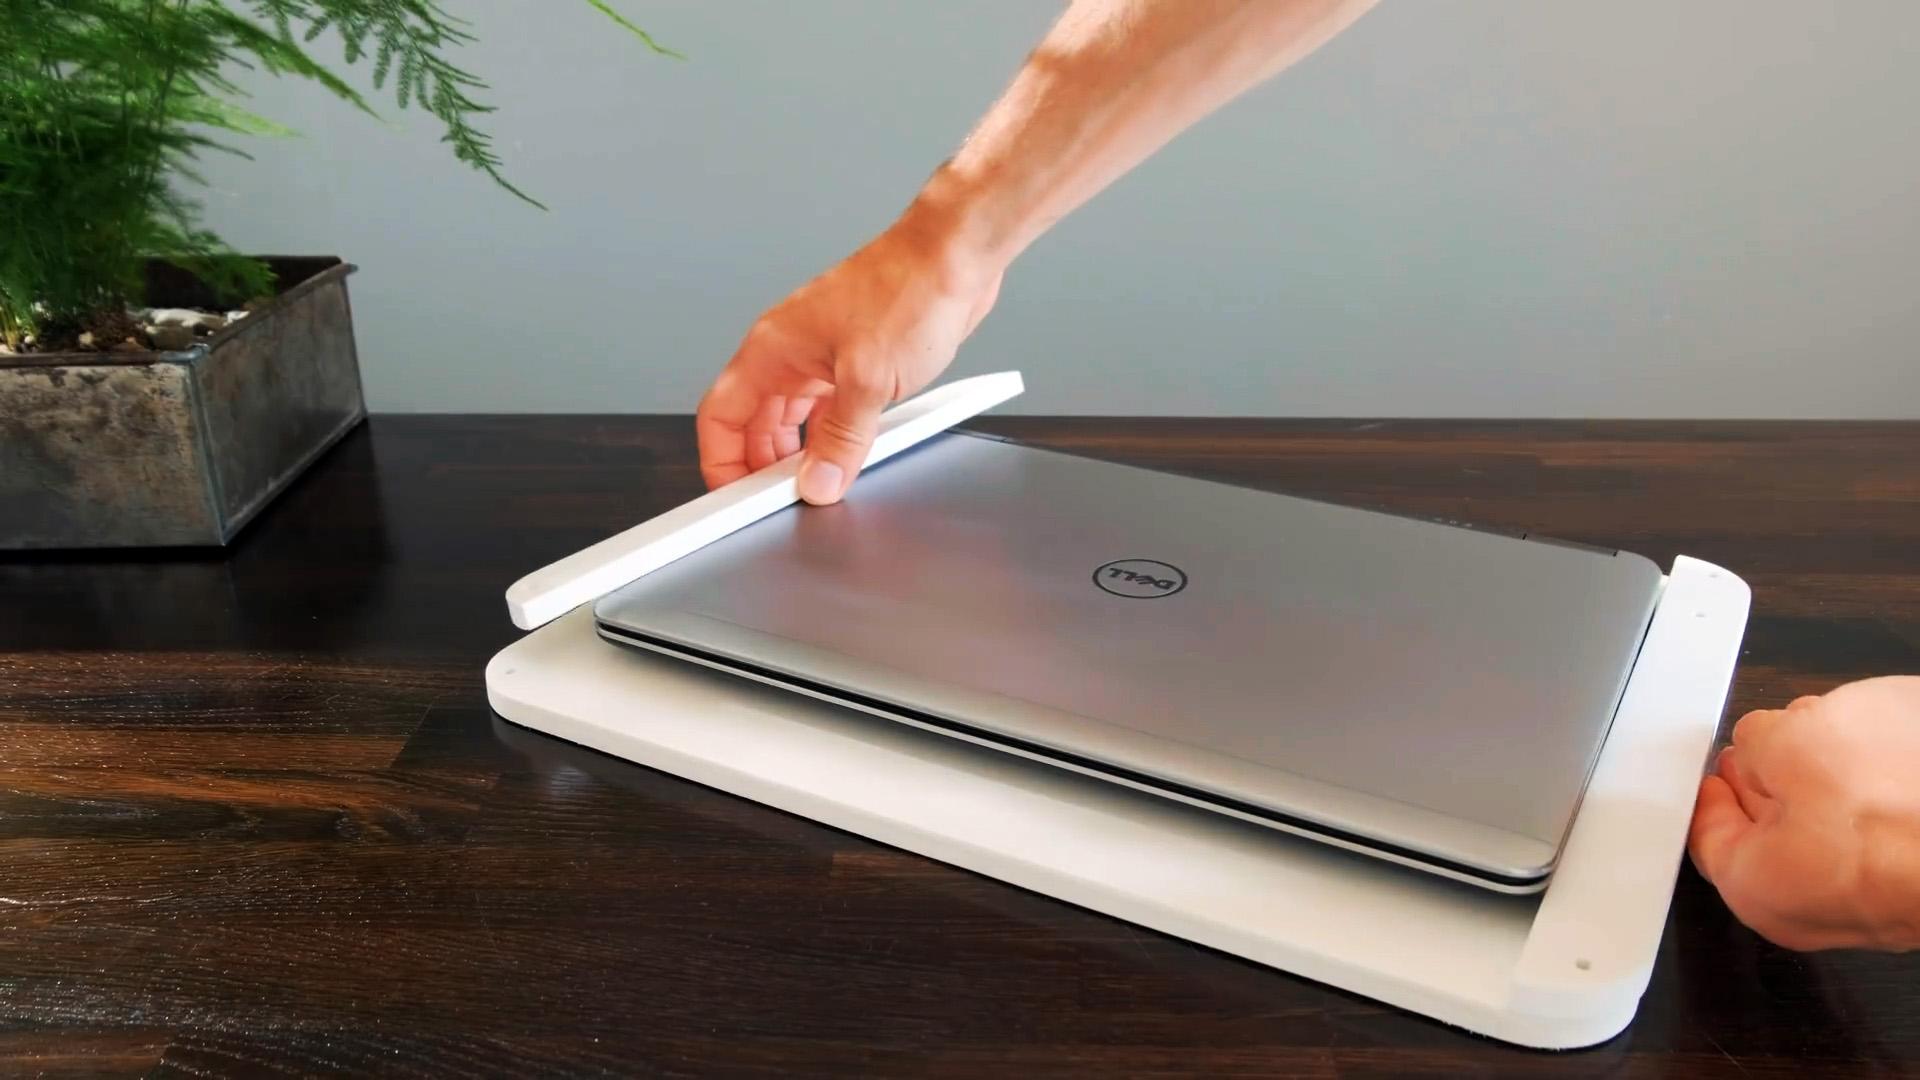 Как сделать док-станцию для ноутбука, чтобы постоянно не подключать кучу проводов